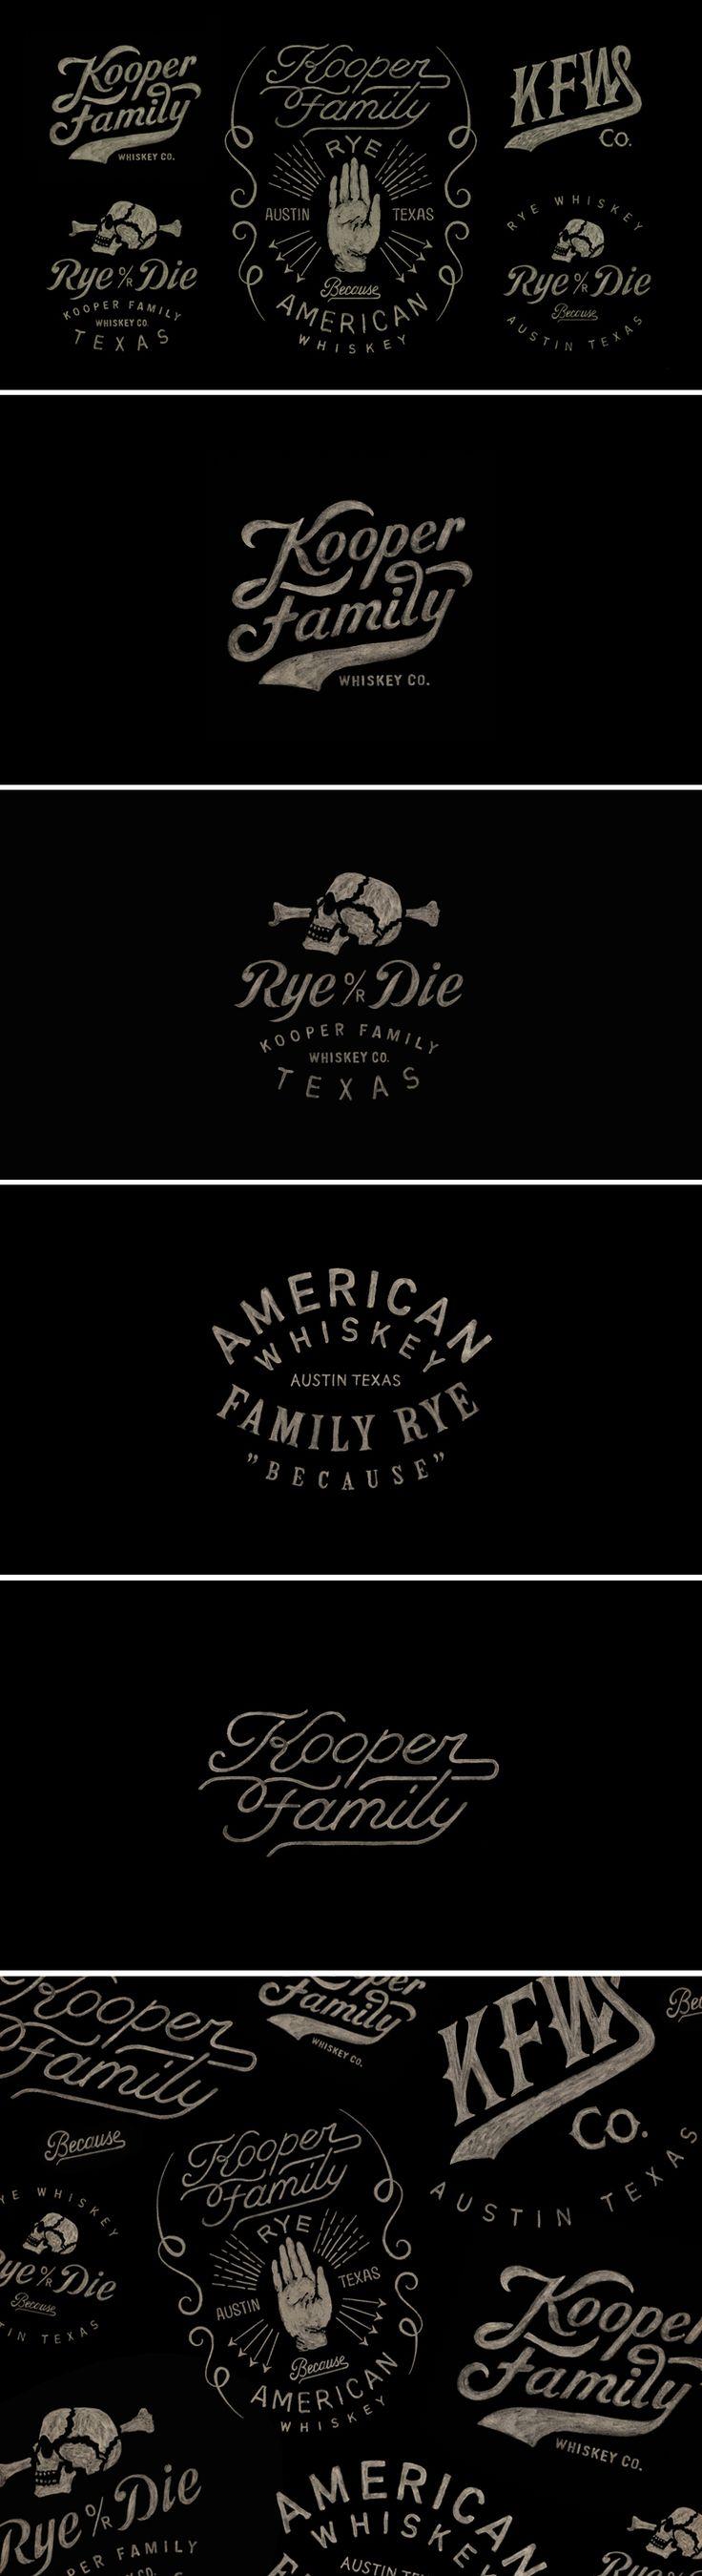 Kooper Family Whiskey / by / BMD Design